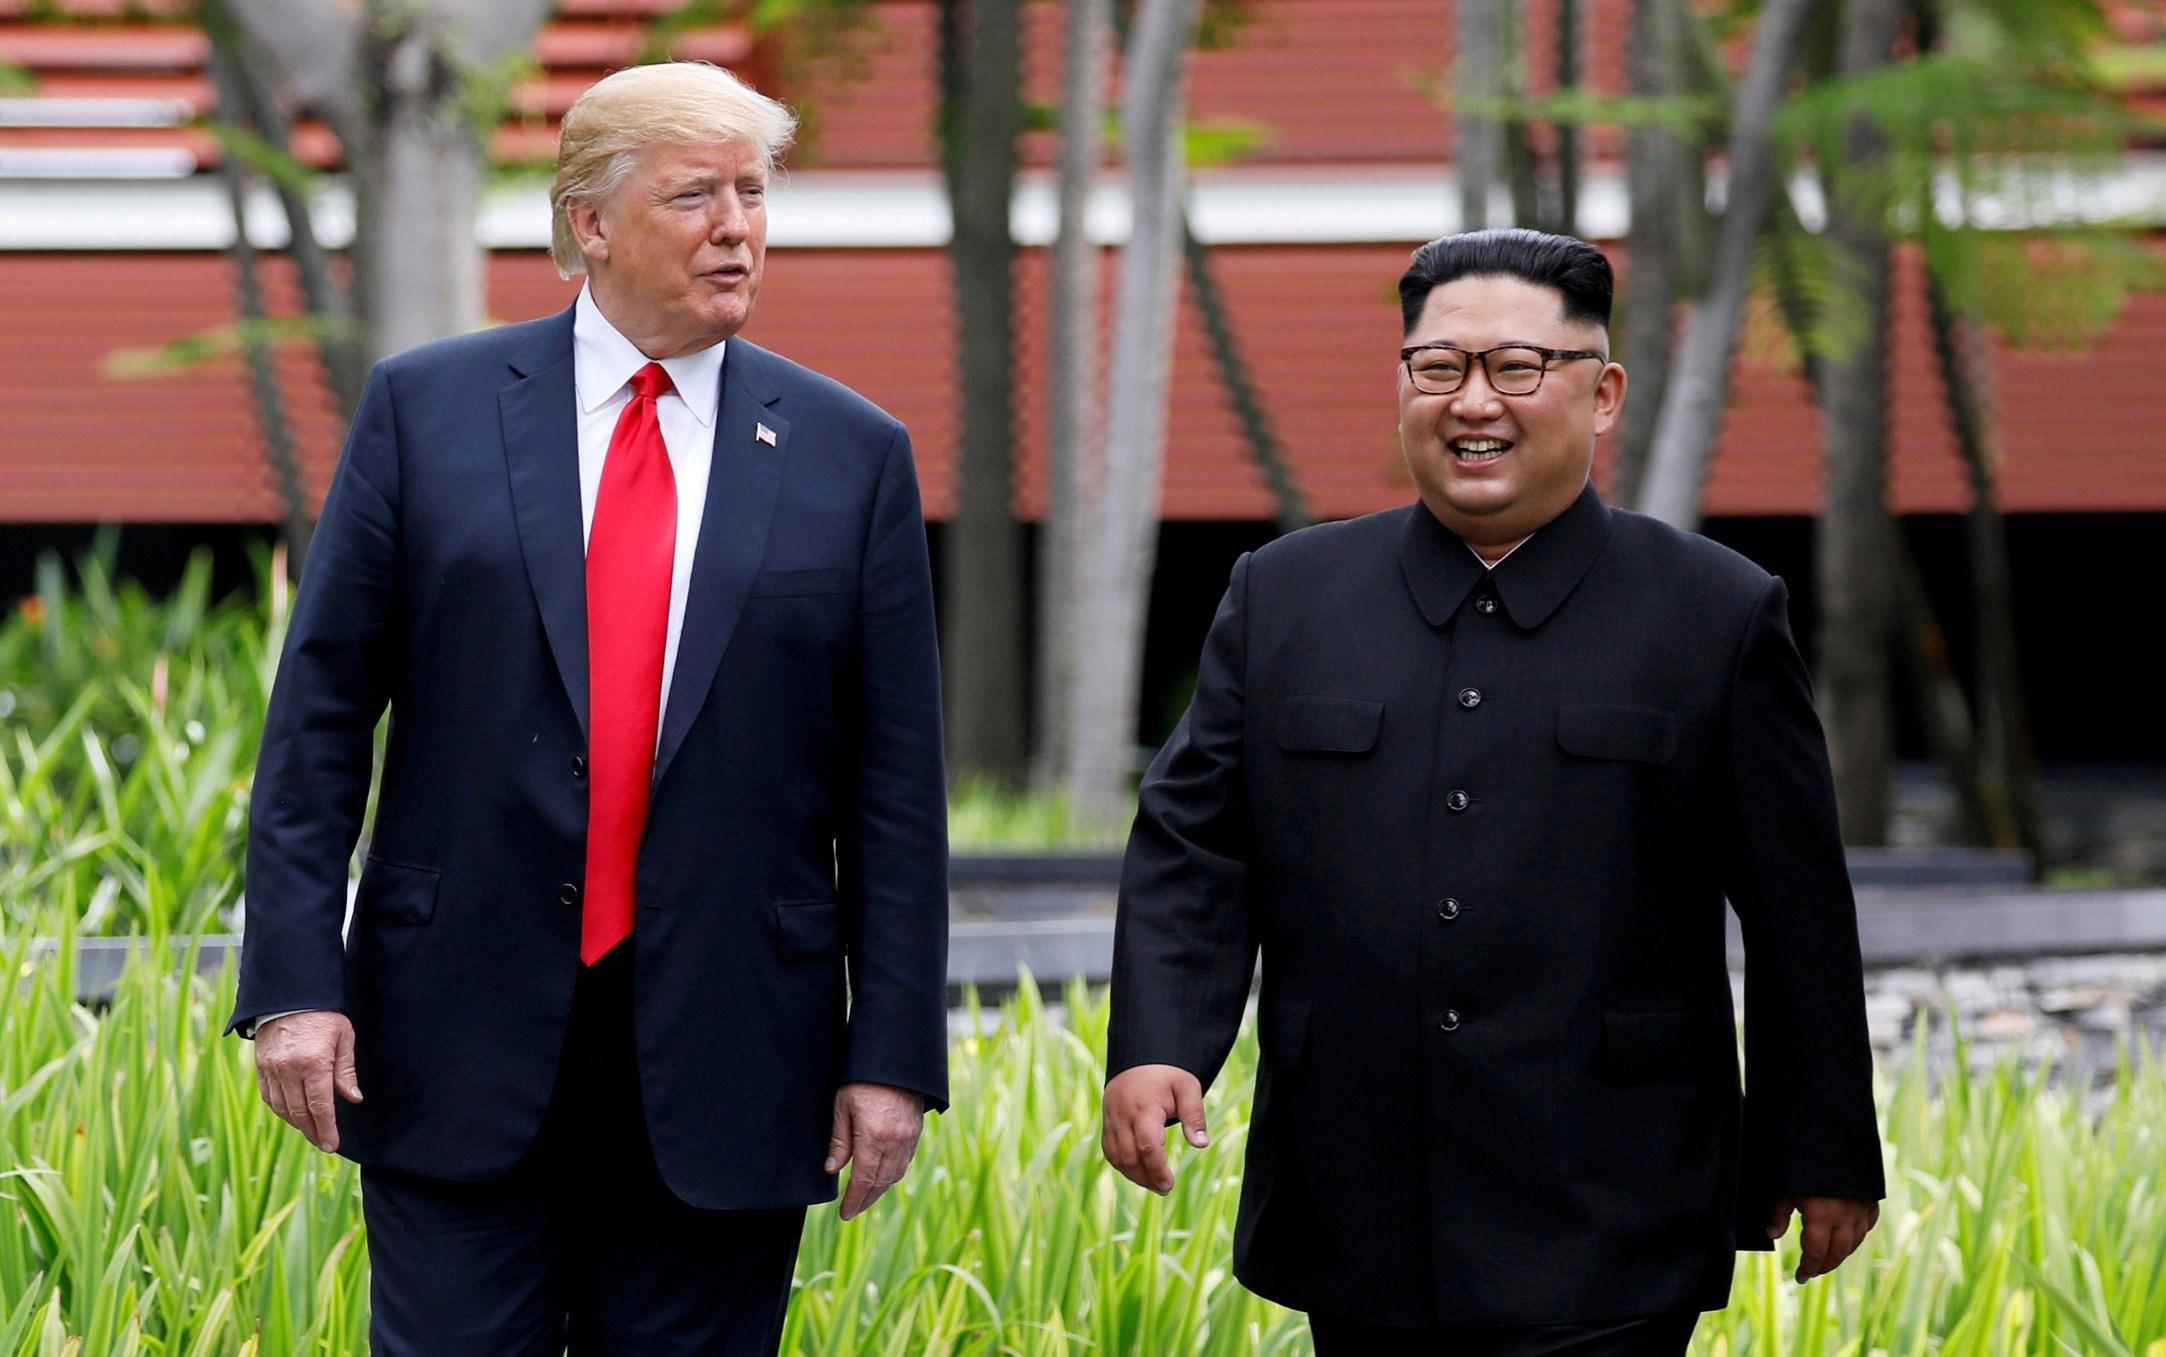 ترامب يبعث برسالة تهنئة إلى كيم.. ما المناسبة؟